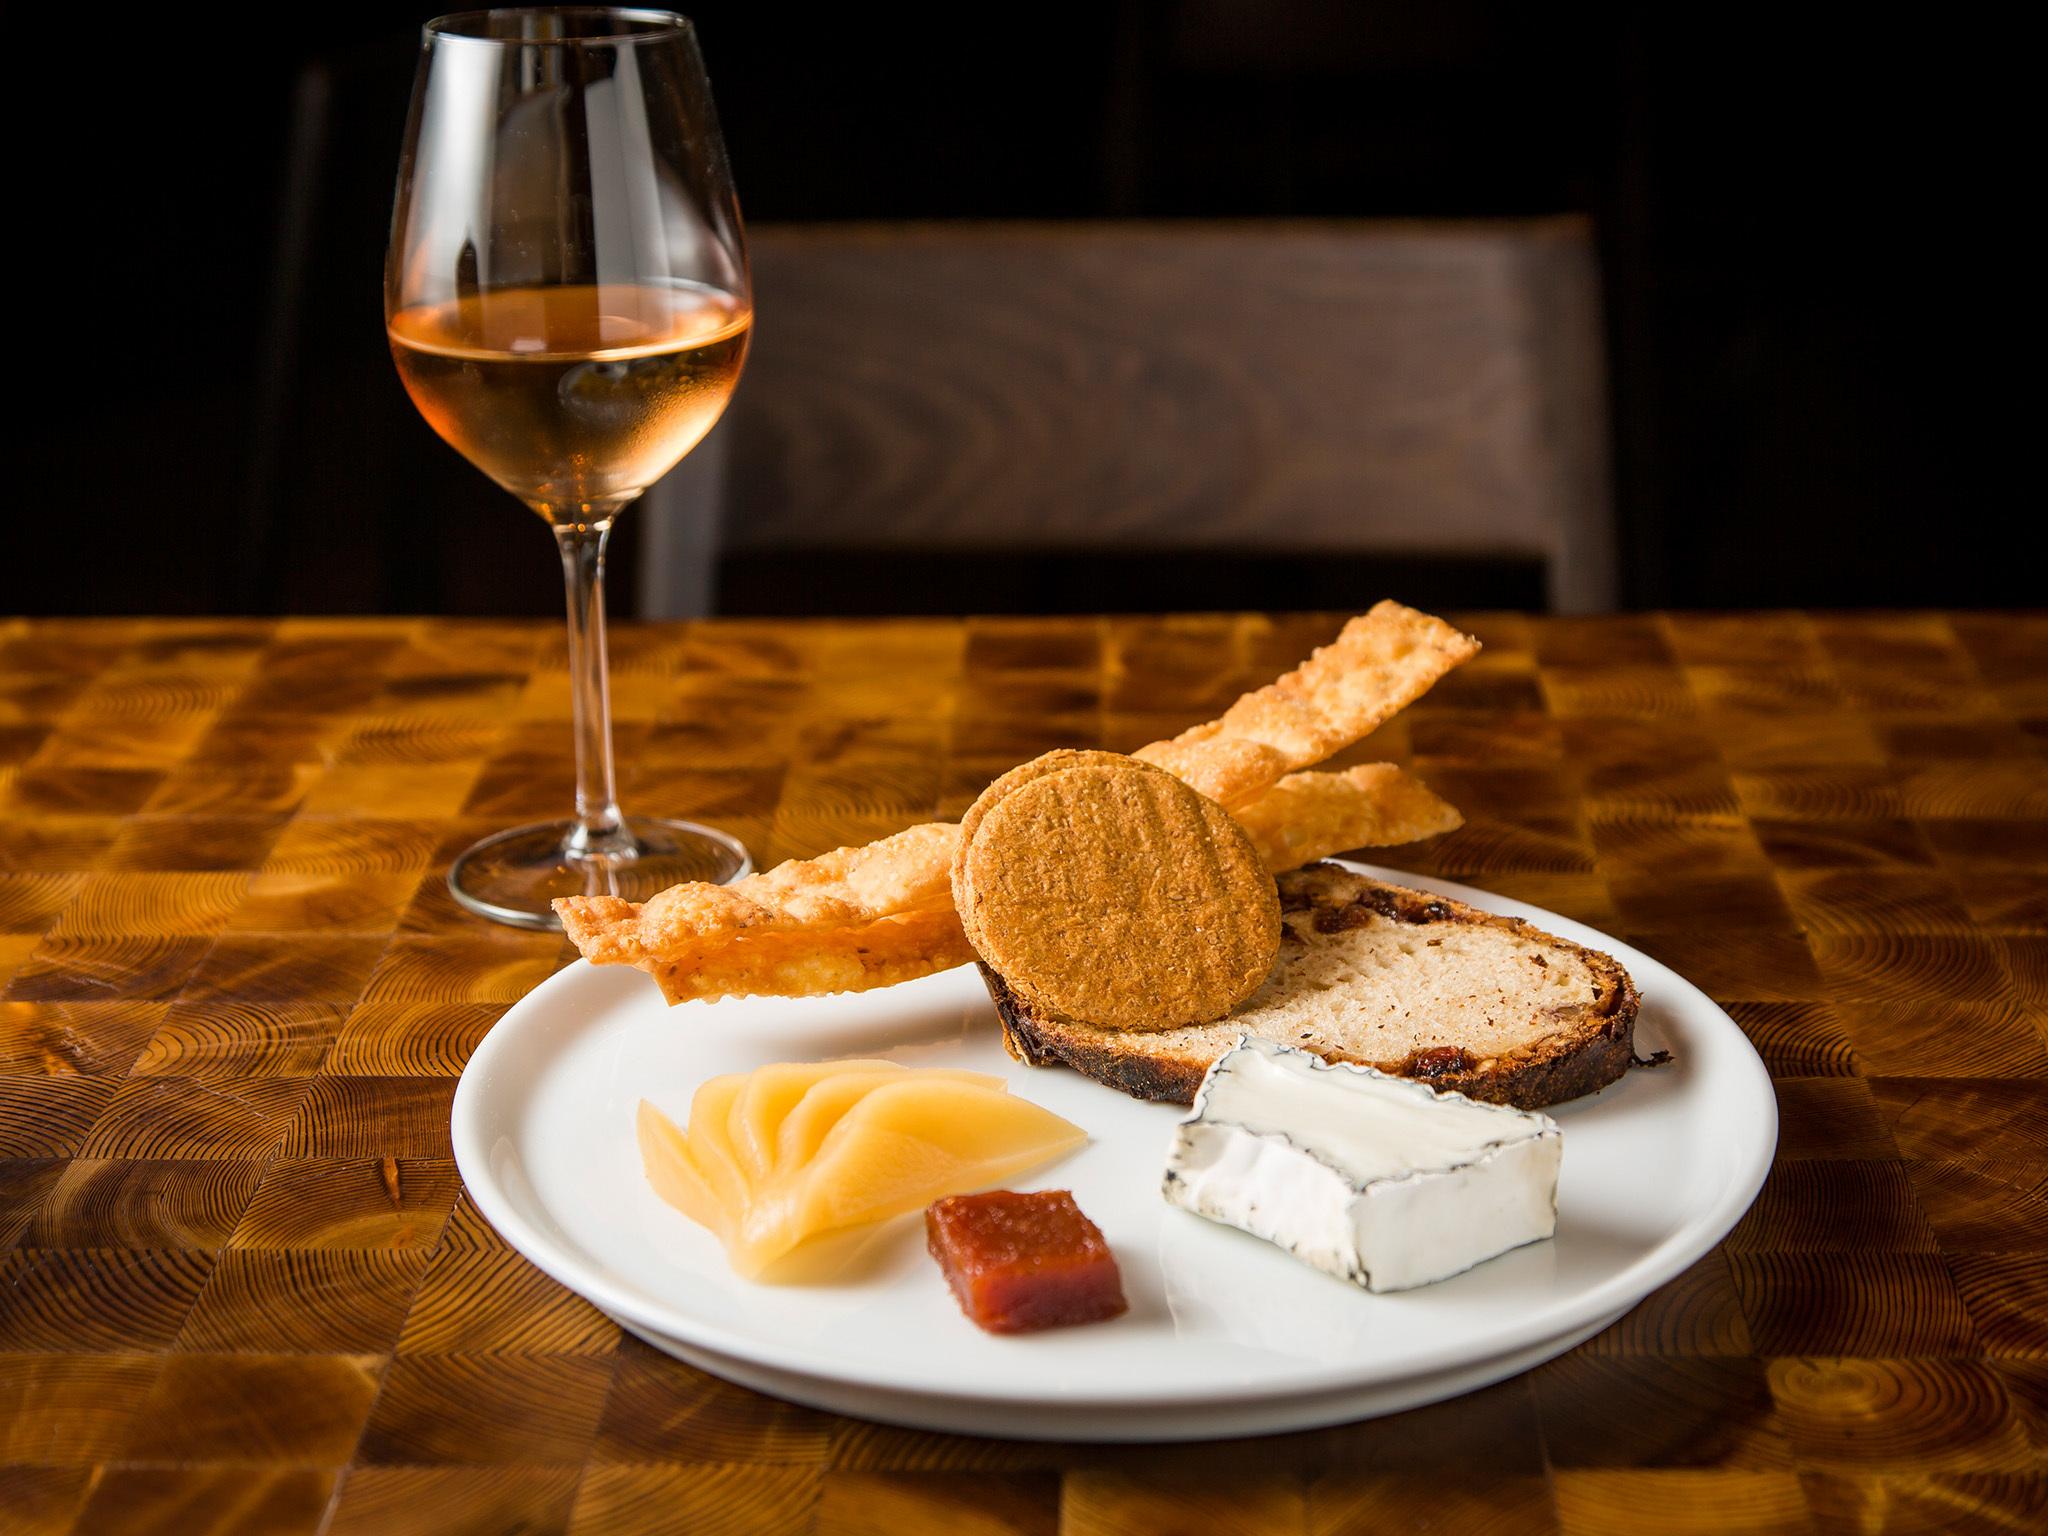 Wine and cheese at Mercado